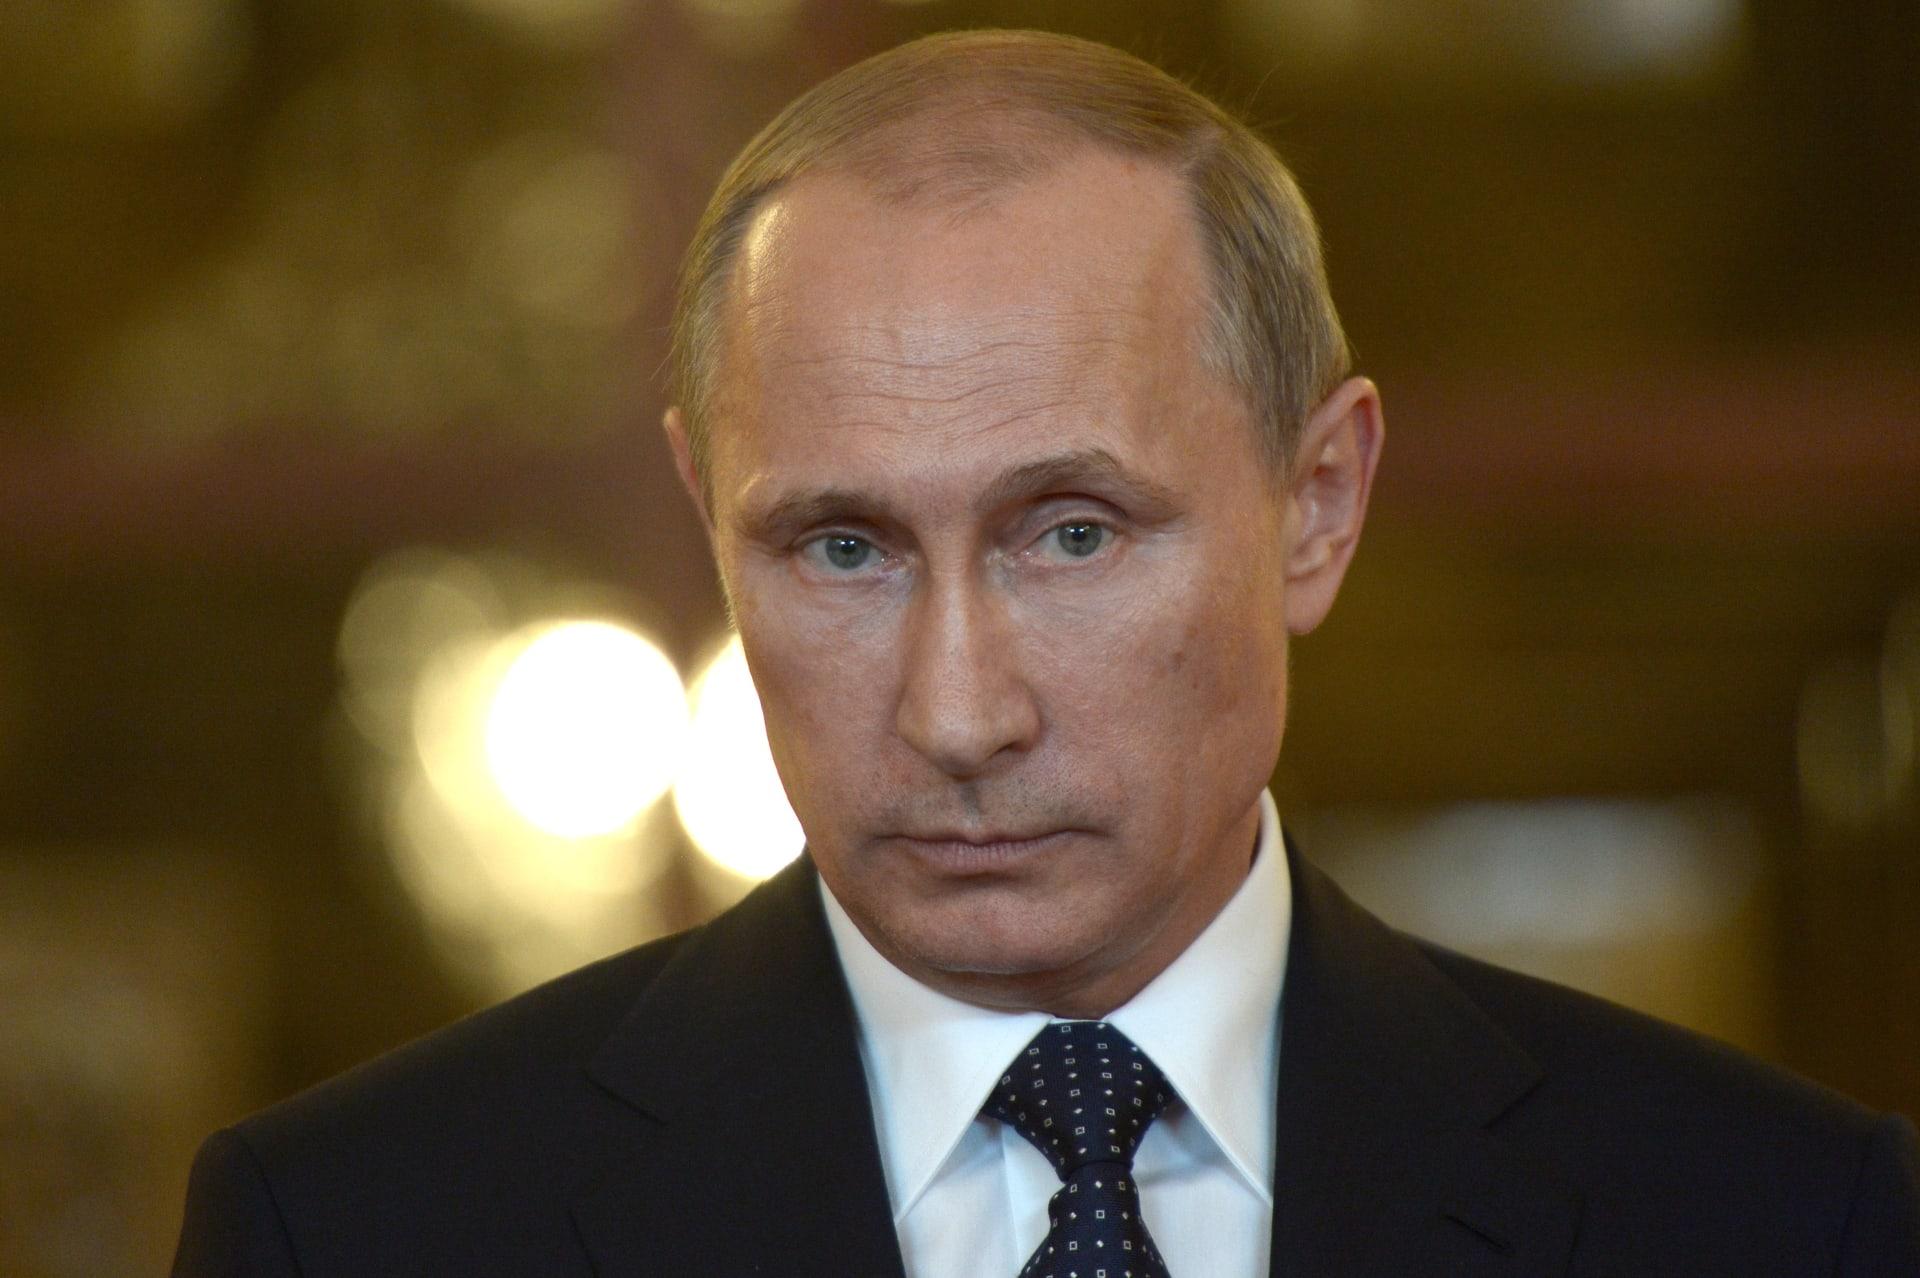 موسكو تتوعد: أي إجراءات غير ودية من أمريكا أو الناتو ستلقى ردا مناسبا